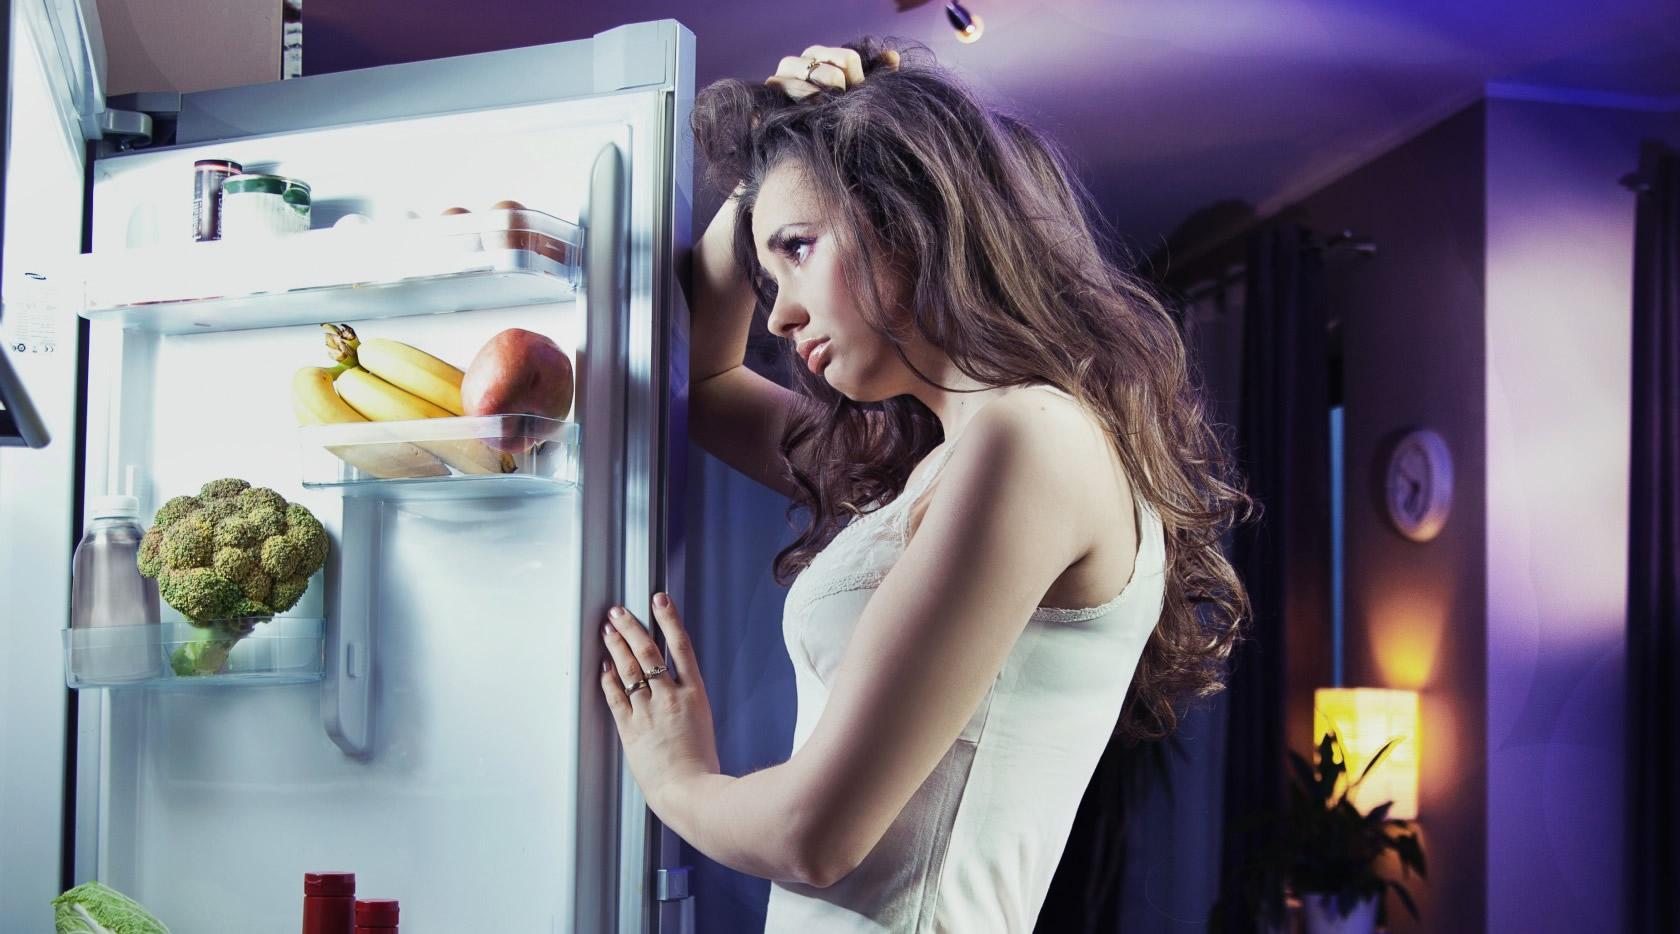 Nếu bạn đang có 5 thói quen này thì đừng trách sao bụng càng ngày càng béo - Ảnh 3.